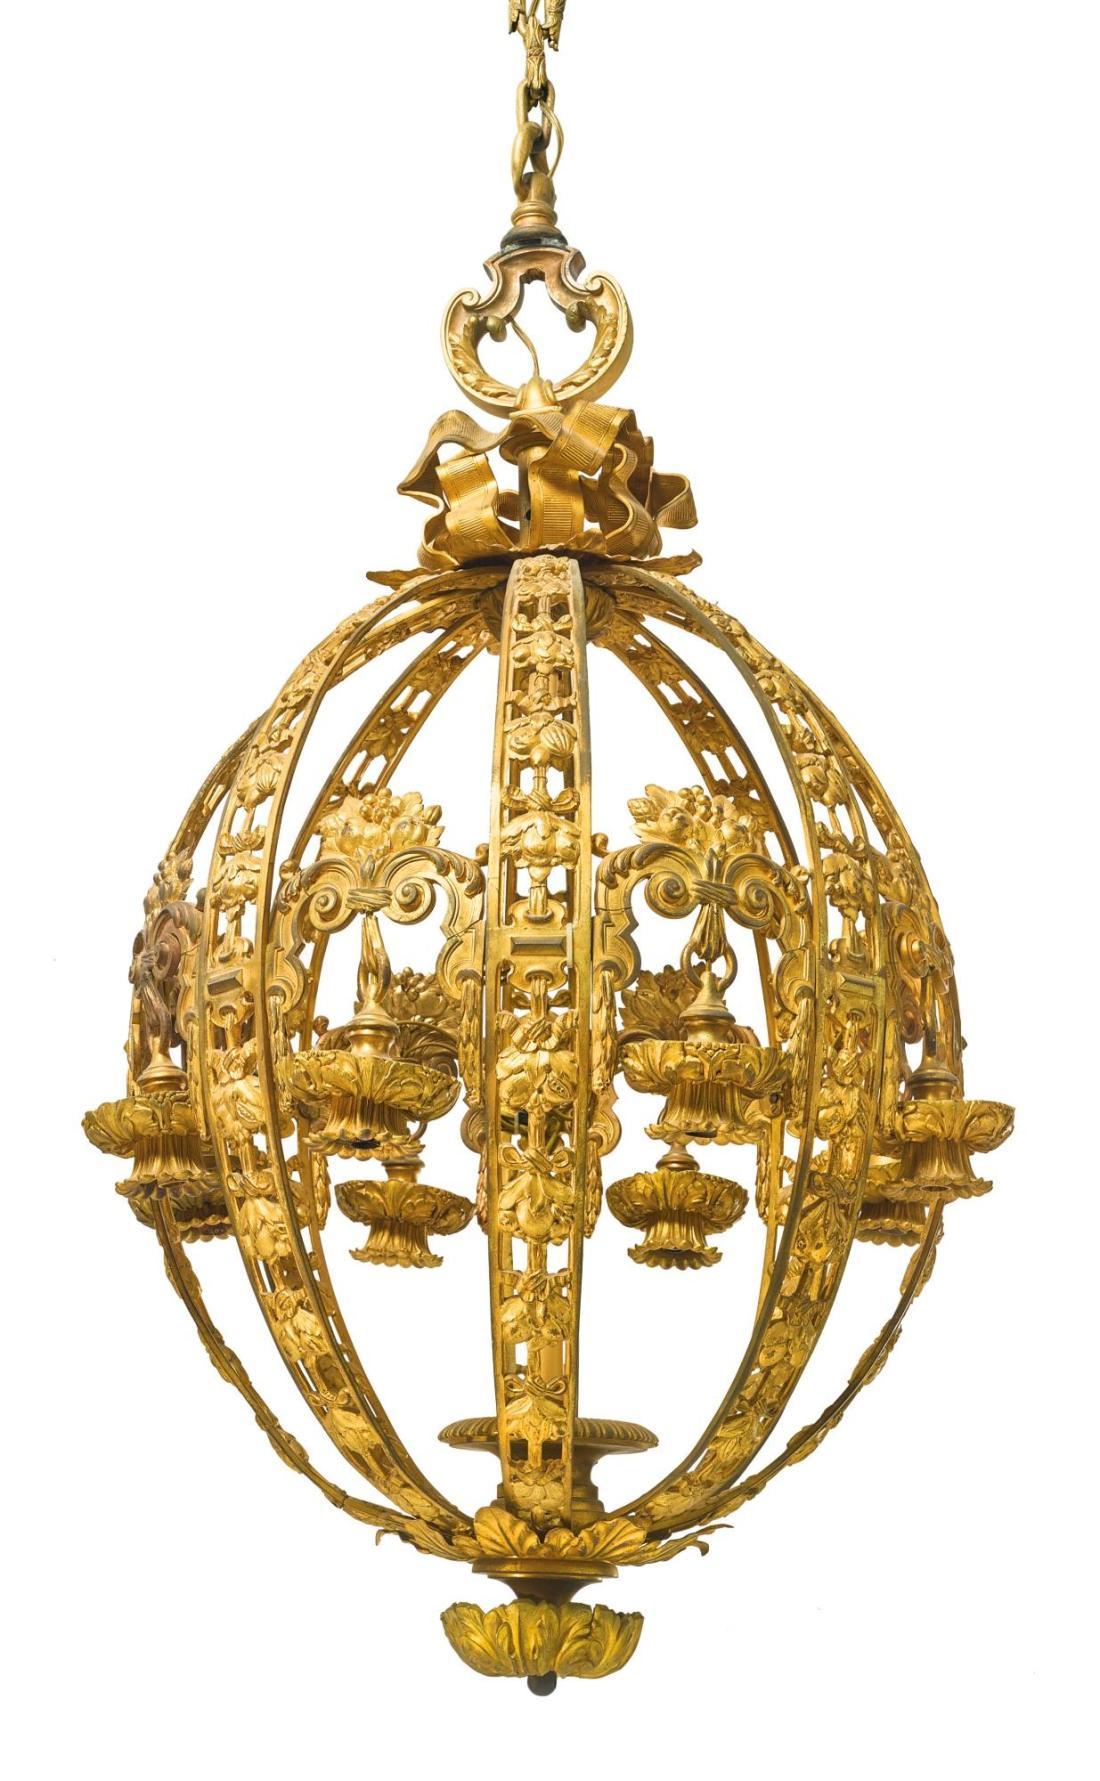 Ten light chandelier.ca. 1900-1925. Gilt bronze.